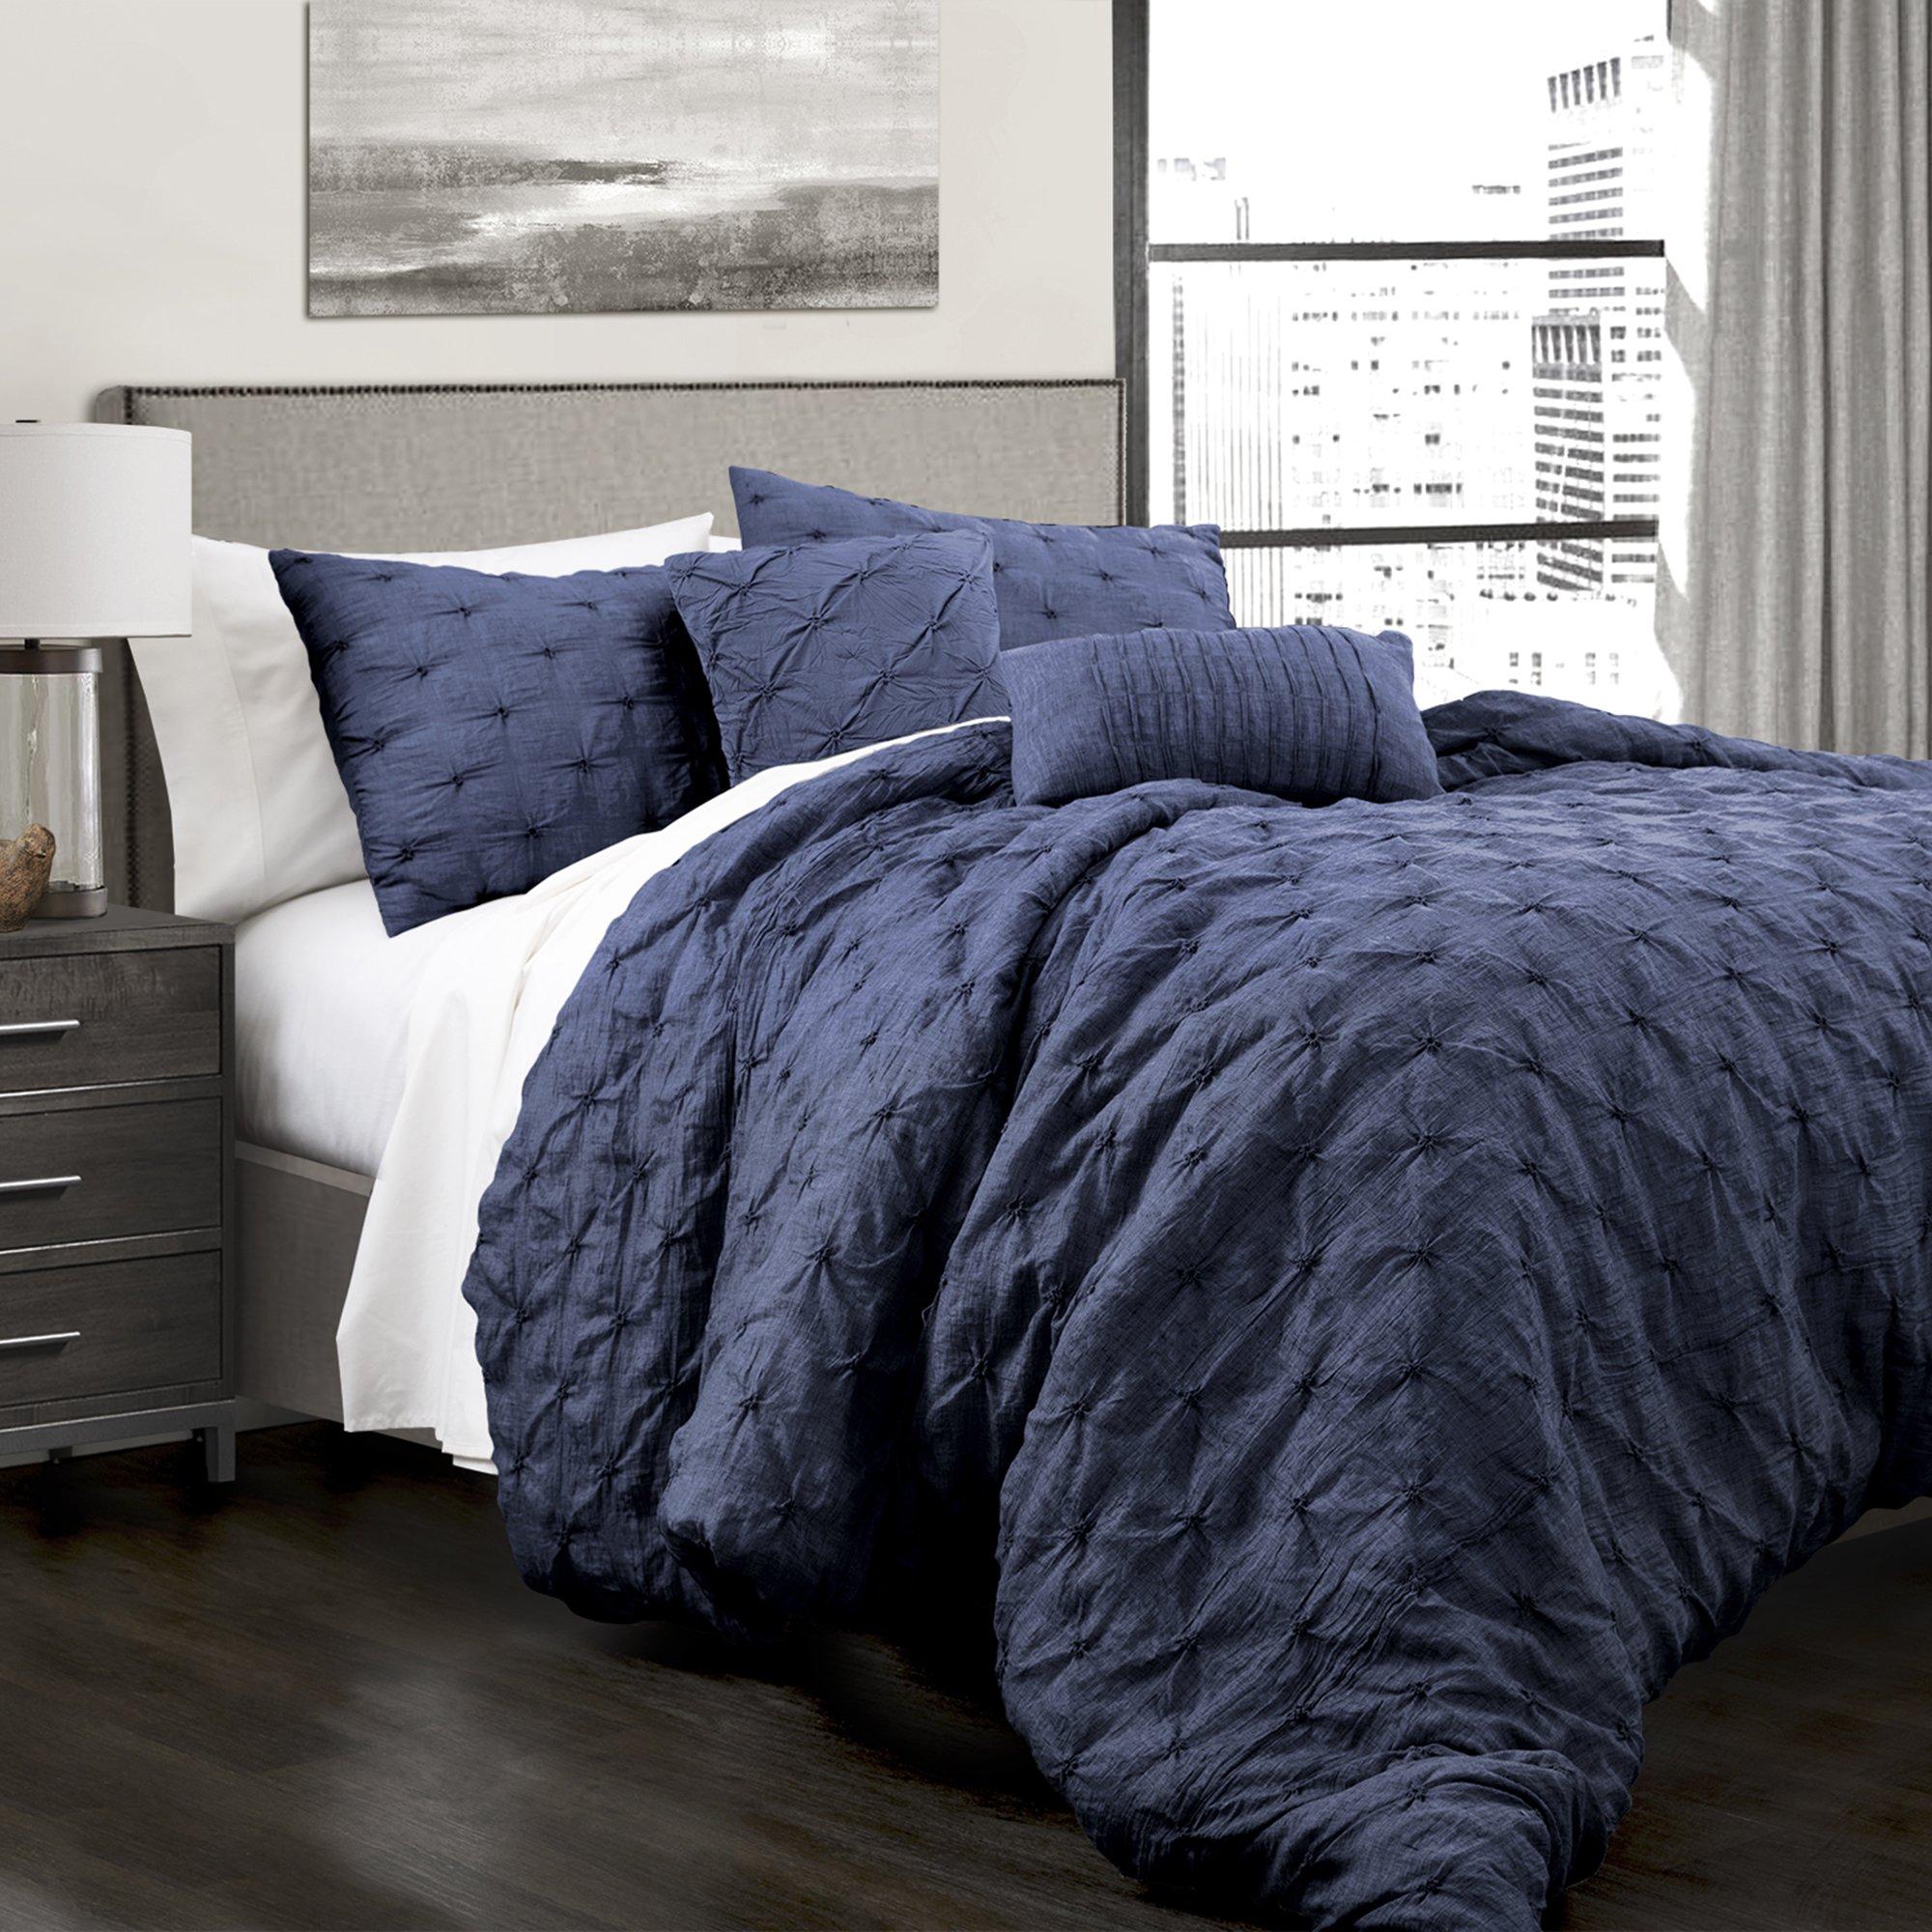 Lush Decor Lush Décor Ravello 5 Piece Comforter Set, Full/Queen, Navy